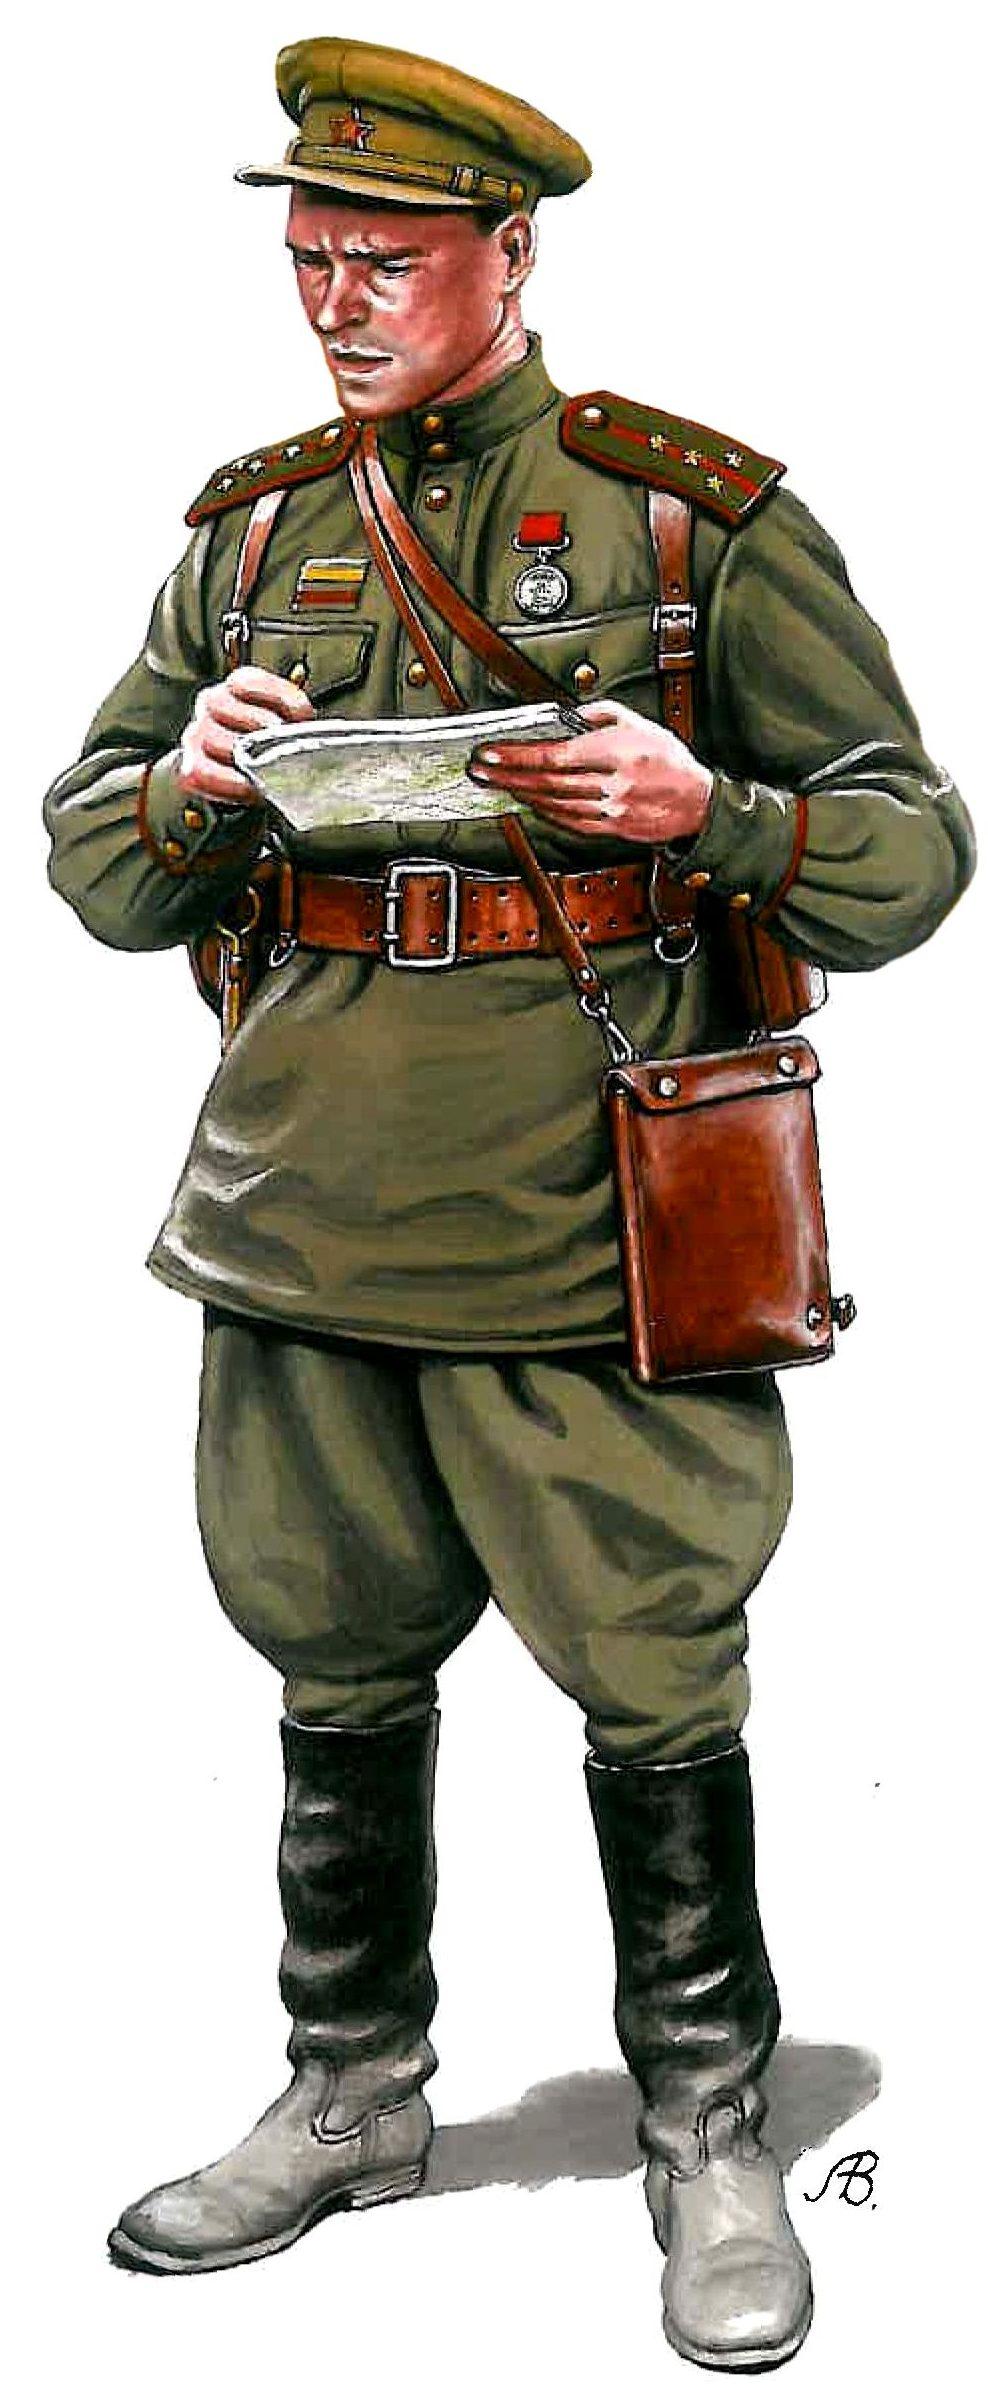 Bulczynki Arnold. Советский офицер.